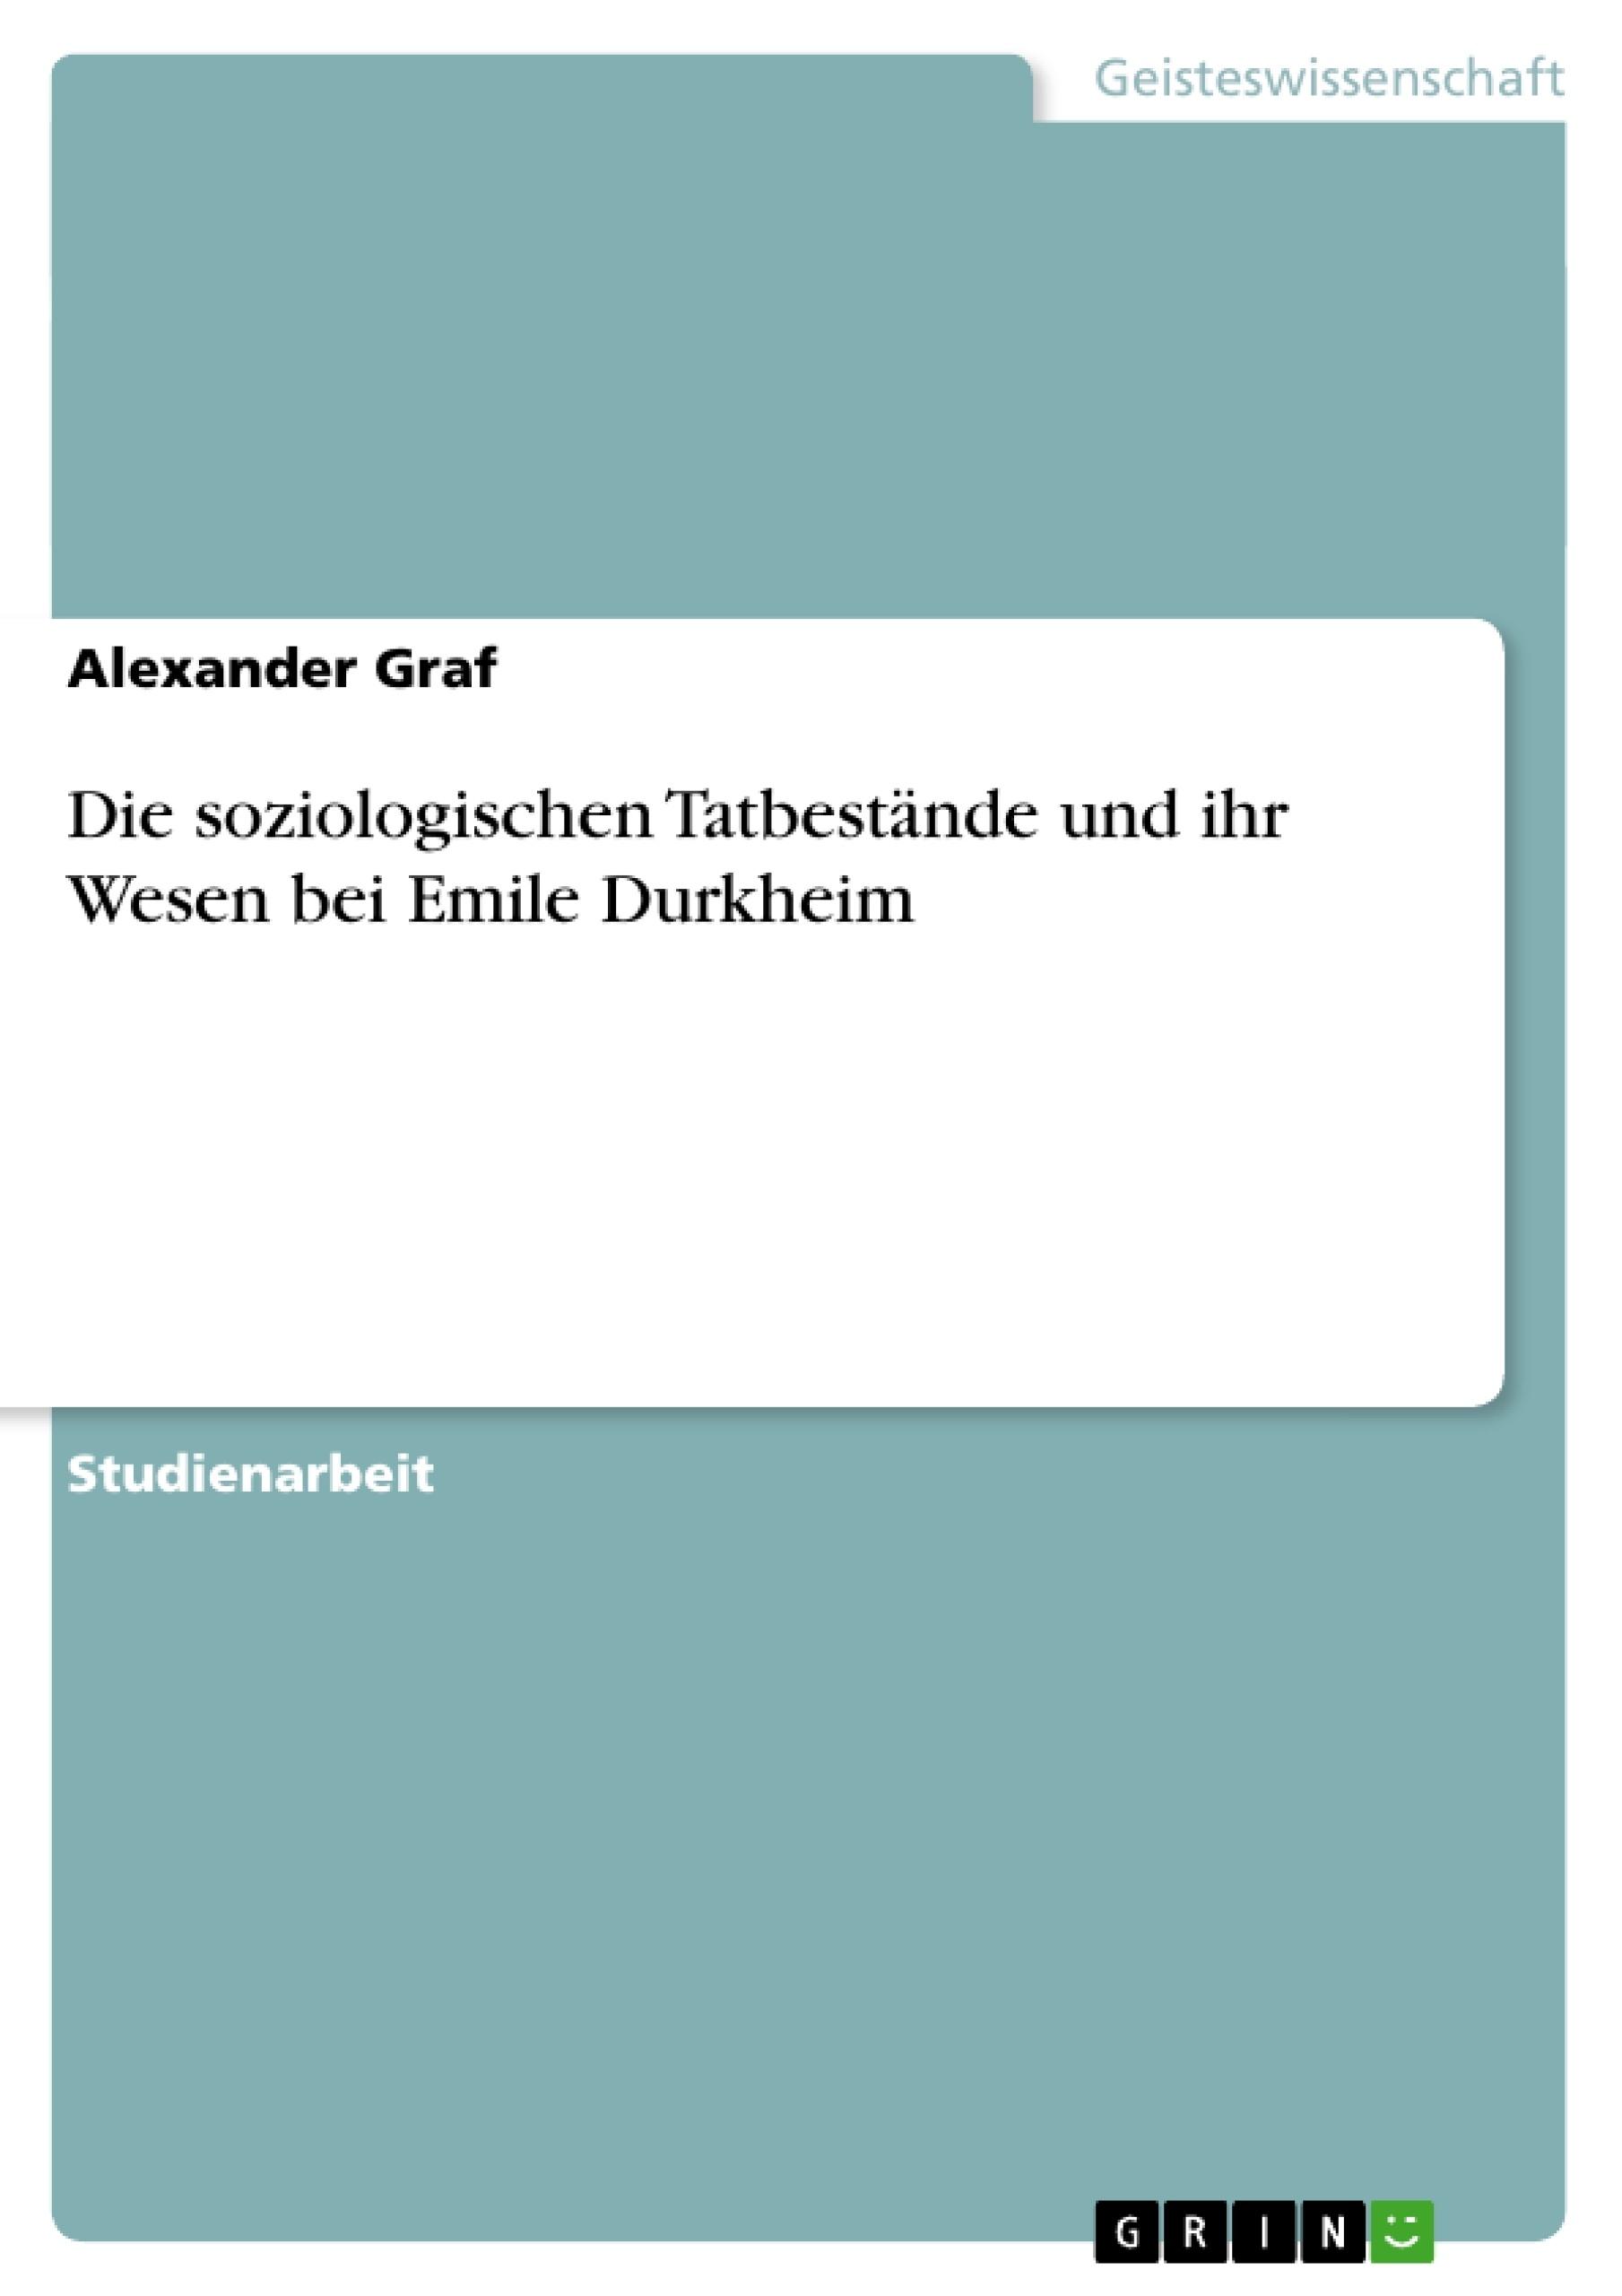 Titel: Die soziologischen Tatbestände und ihr Wesen bei Emile Durkheim